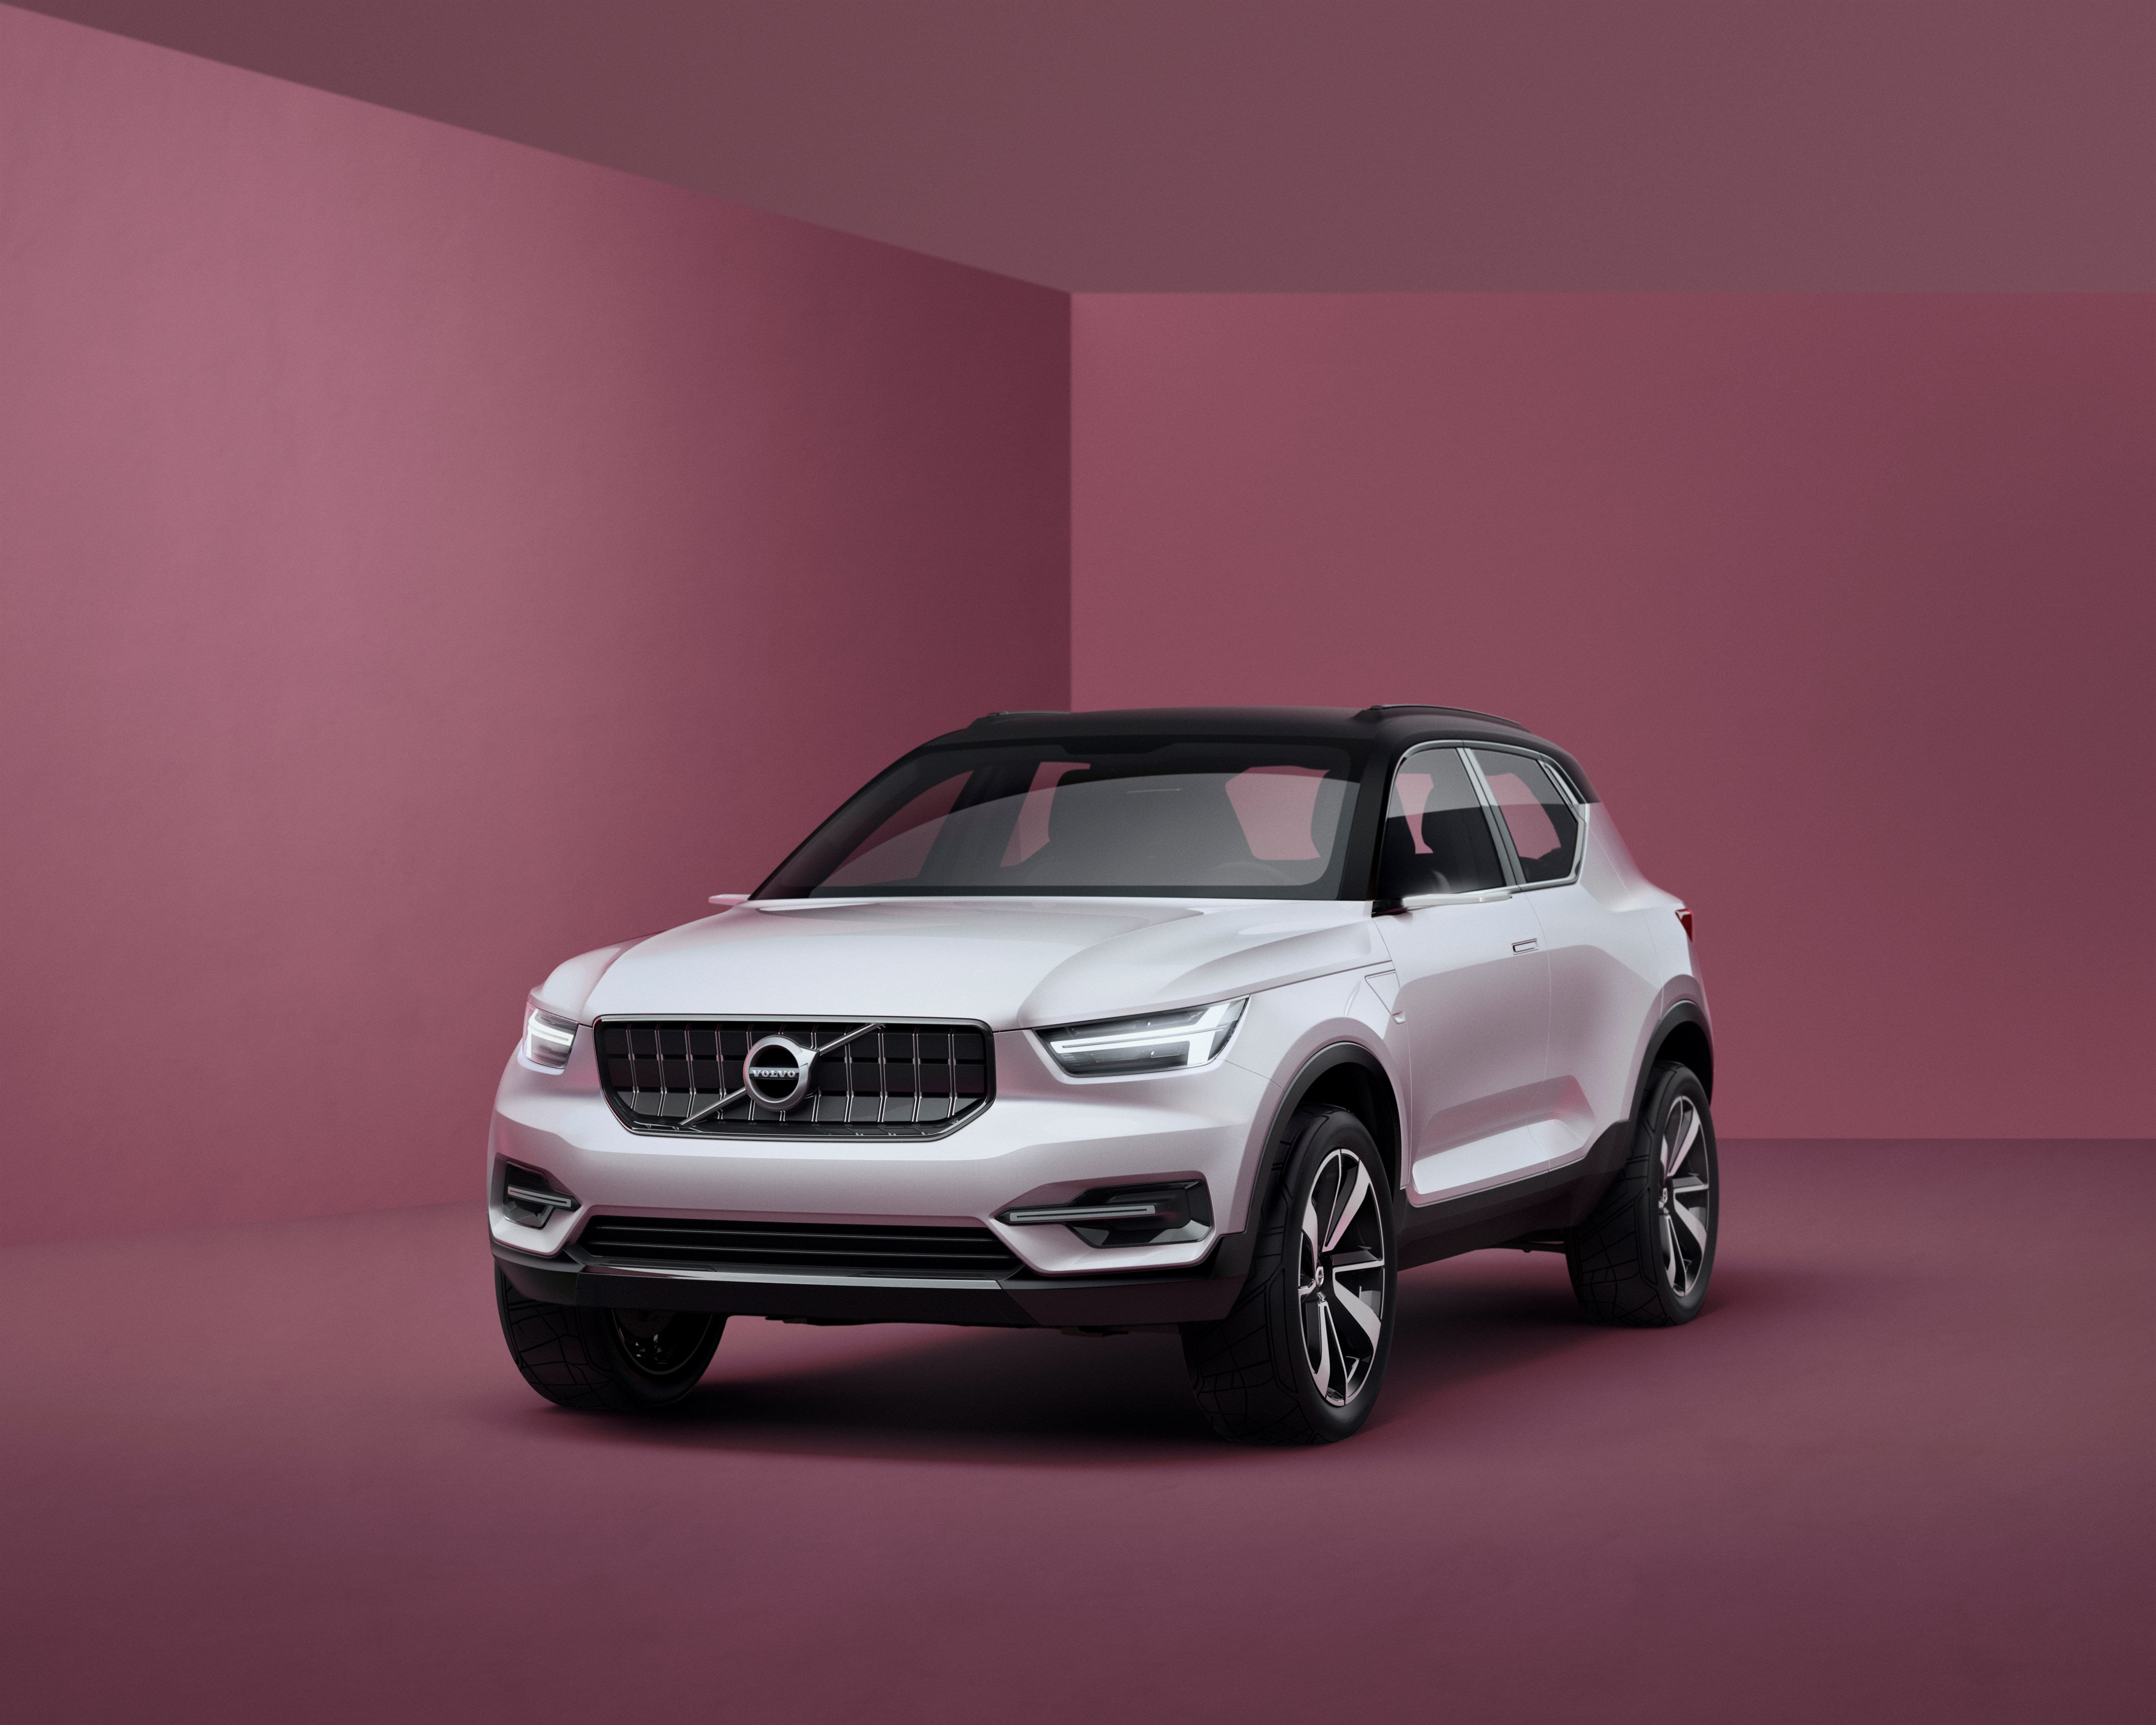 2016 Volvo Concept 40